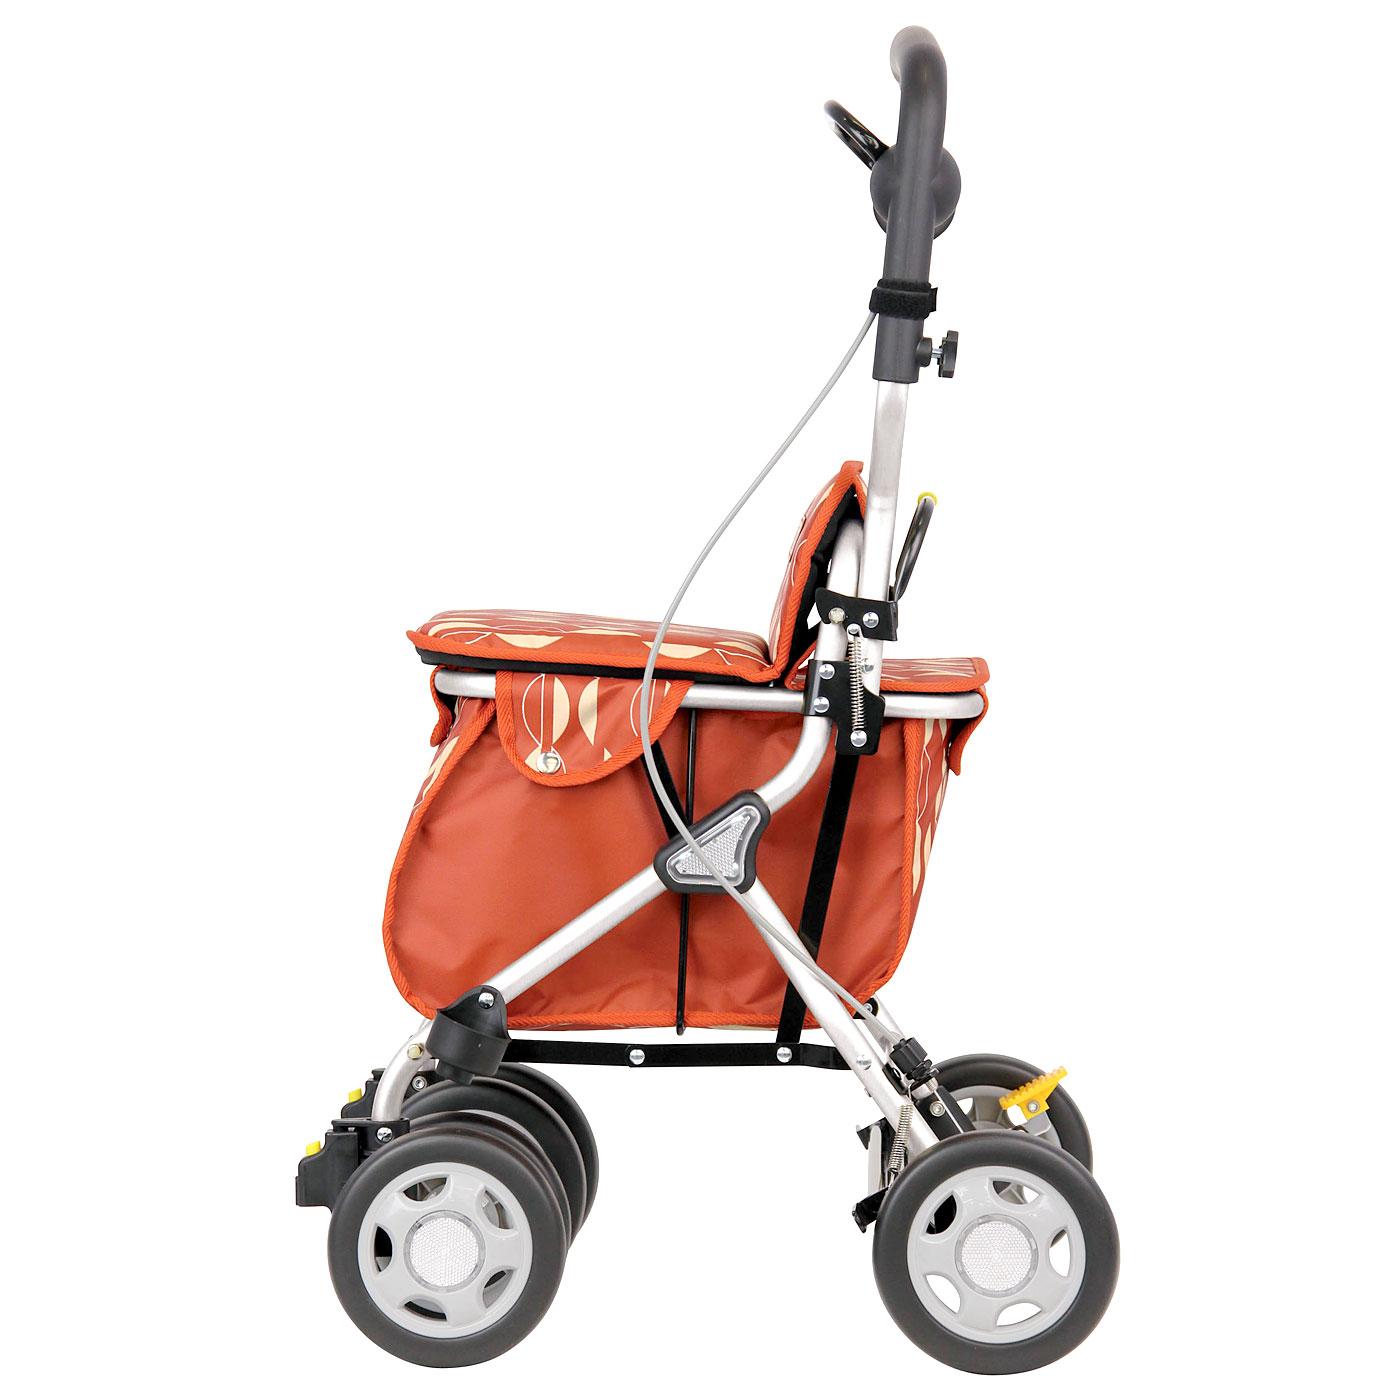 たっぷり入る便利なバッグ。ミドルタイプでありながらたっぷり入る優れたバッグサイズ。買い物にも散歩にも便利です。